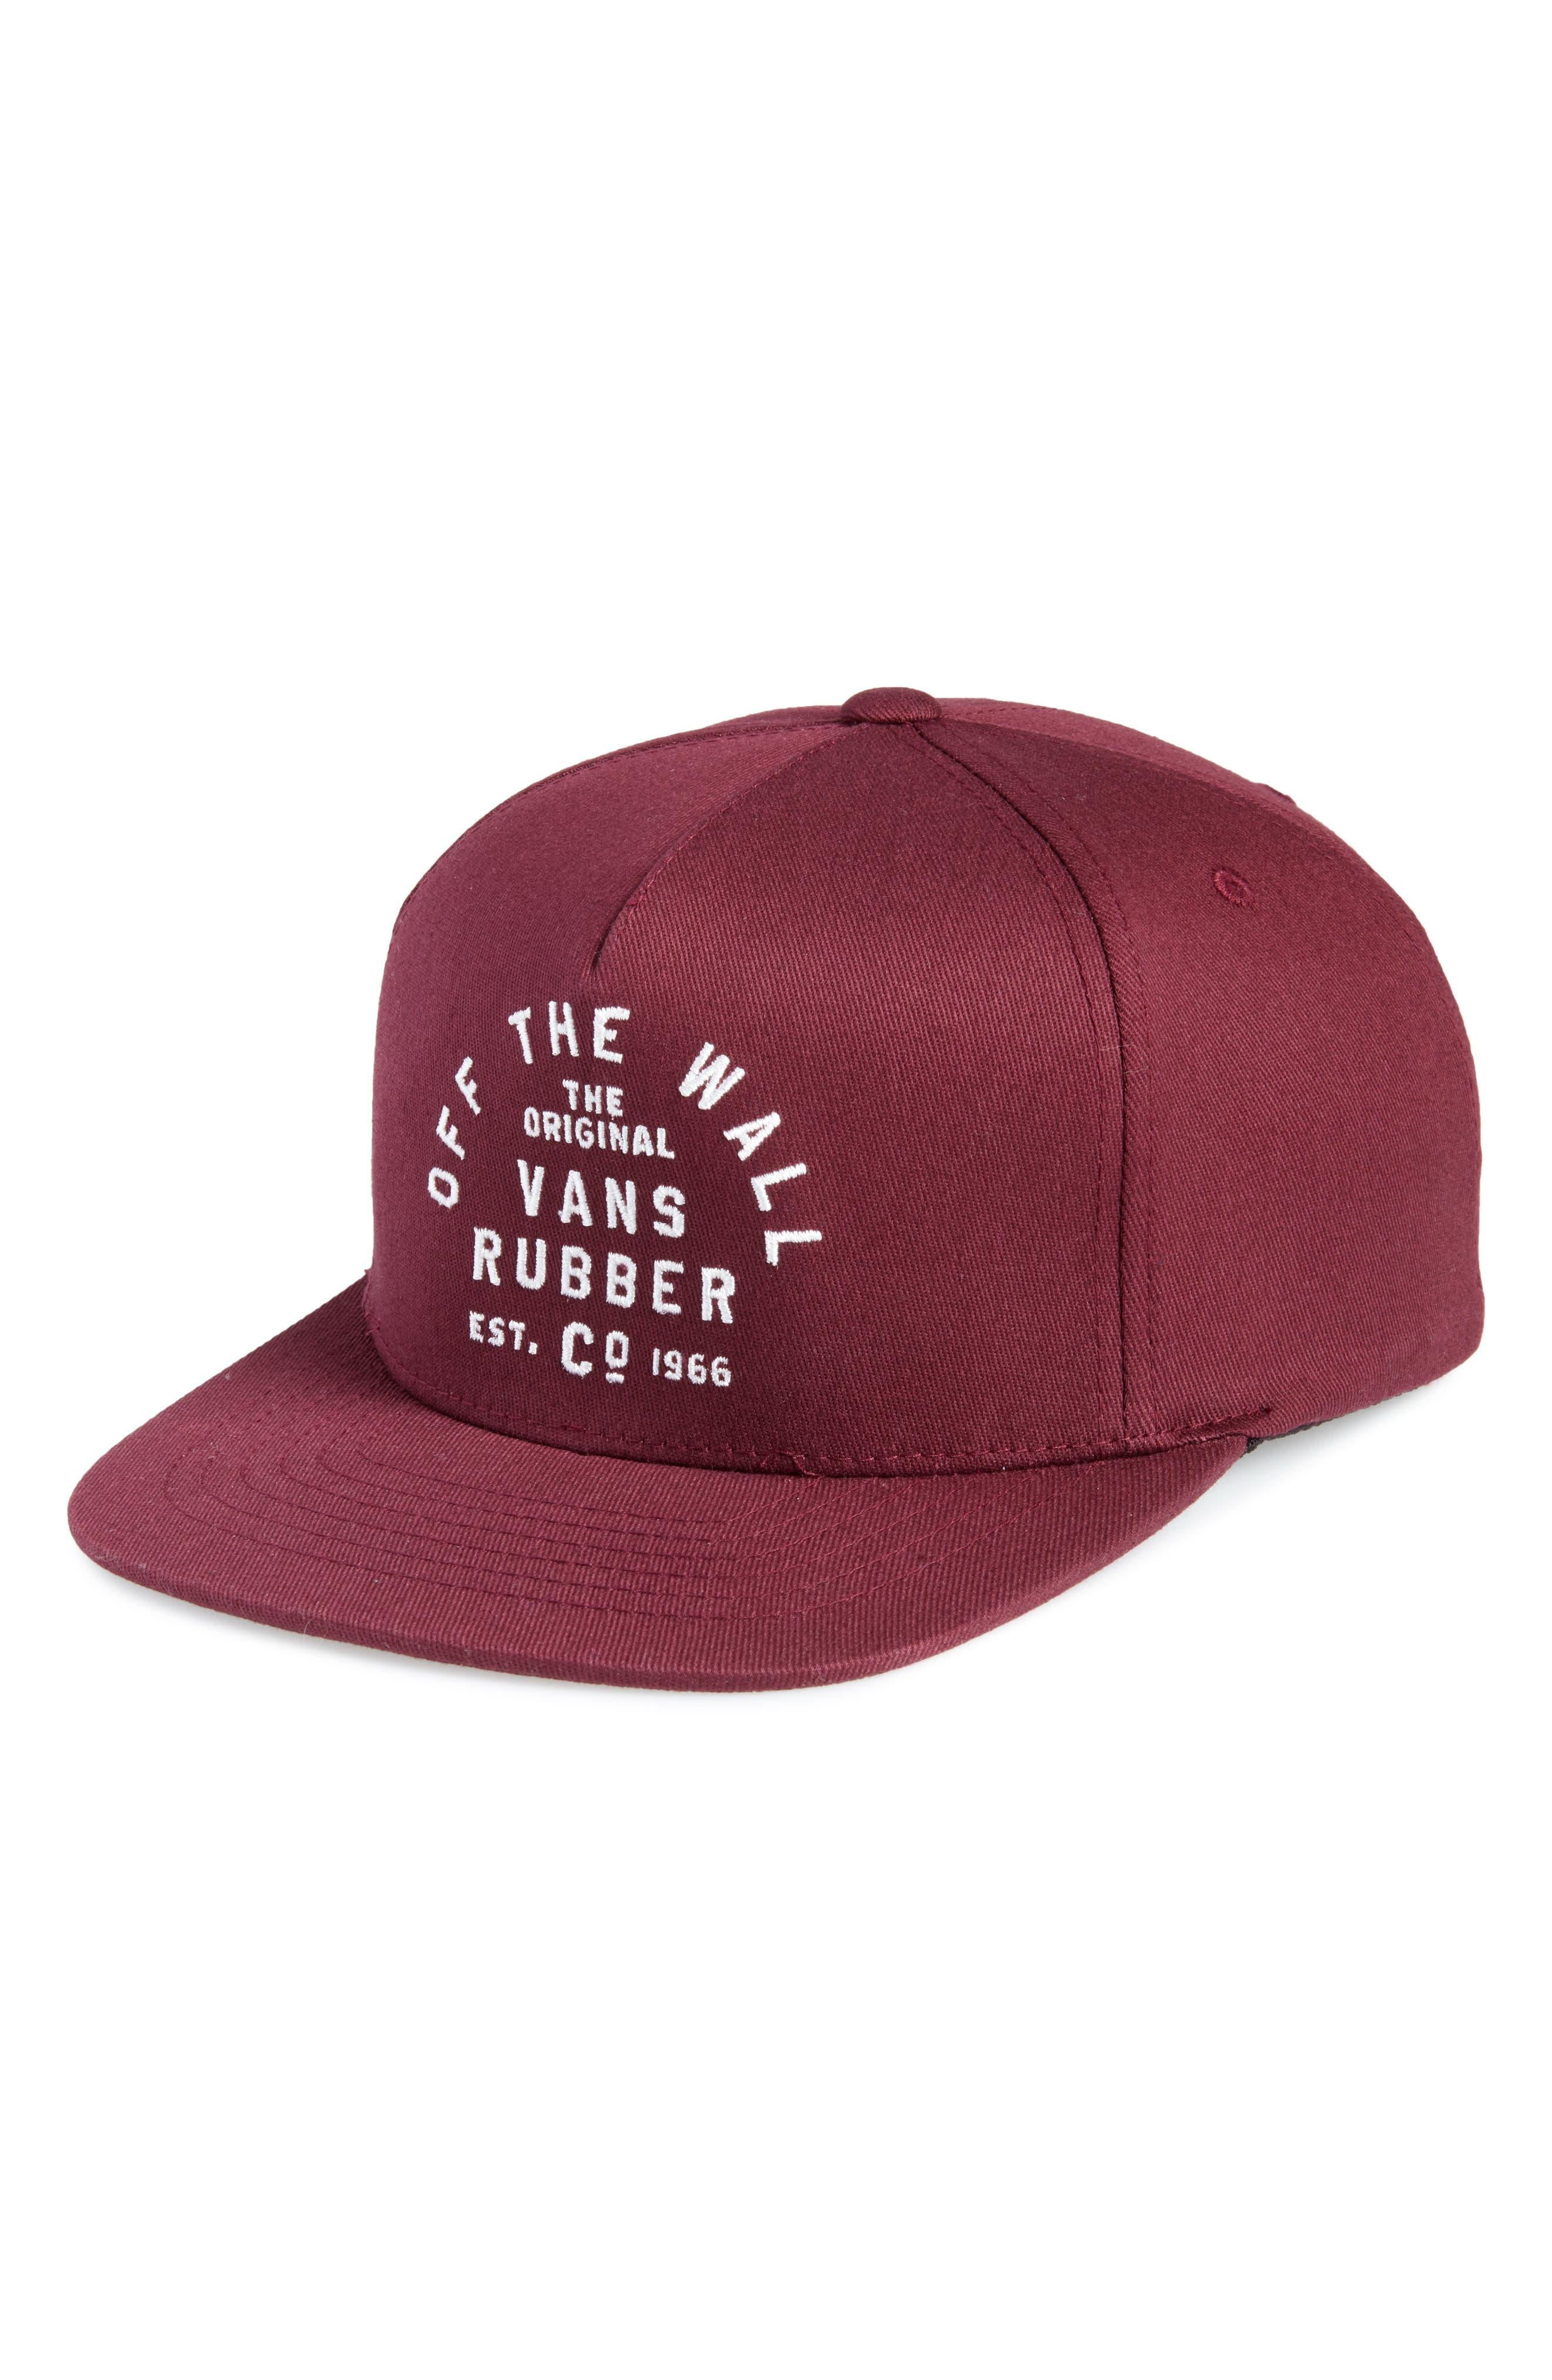 Rubber Co Flexfit Cap,                         Main,                         color,